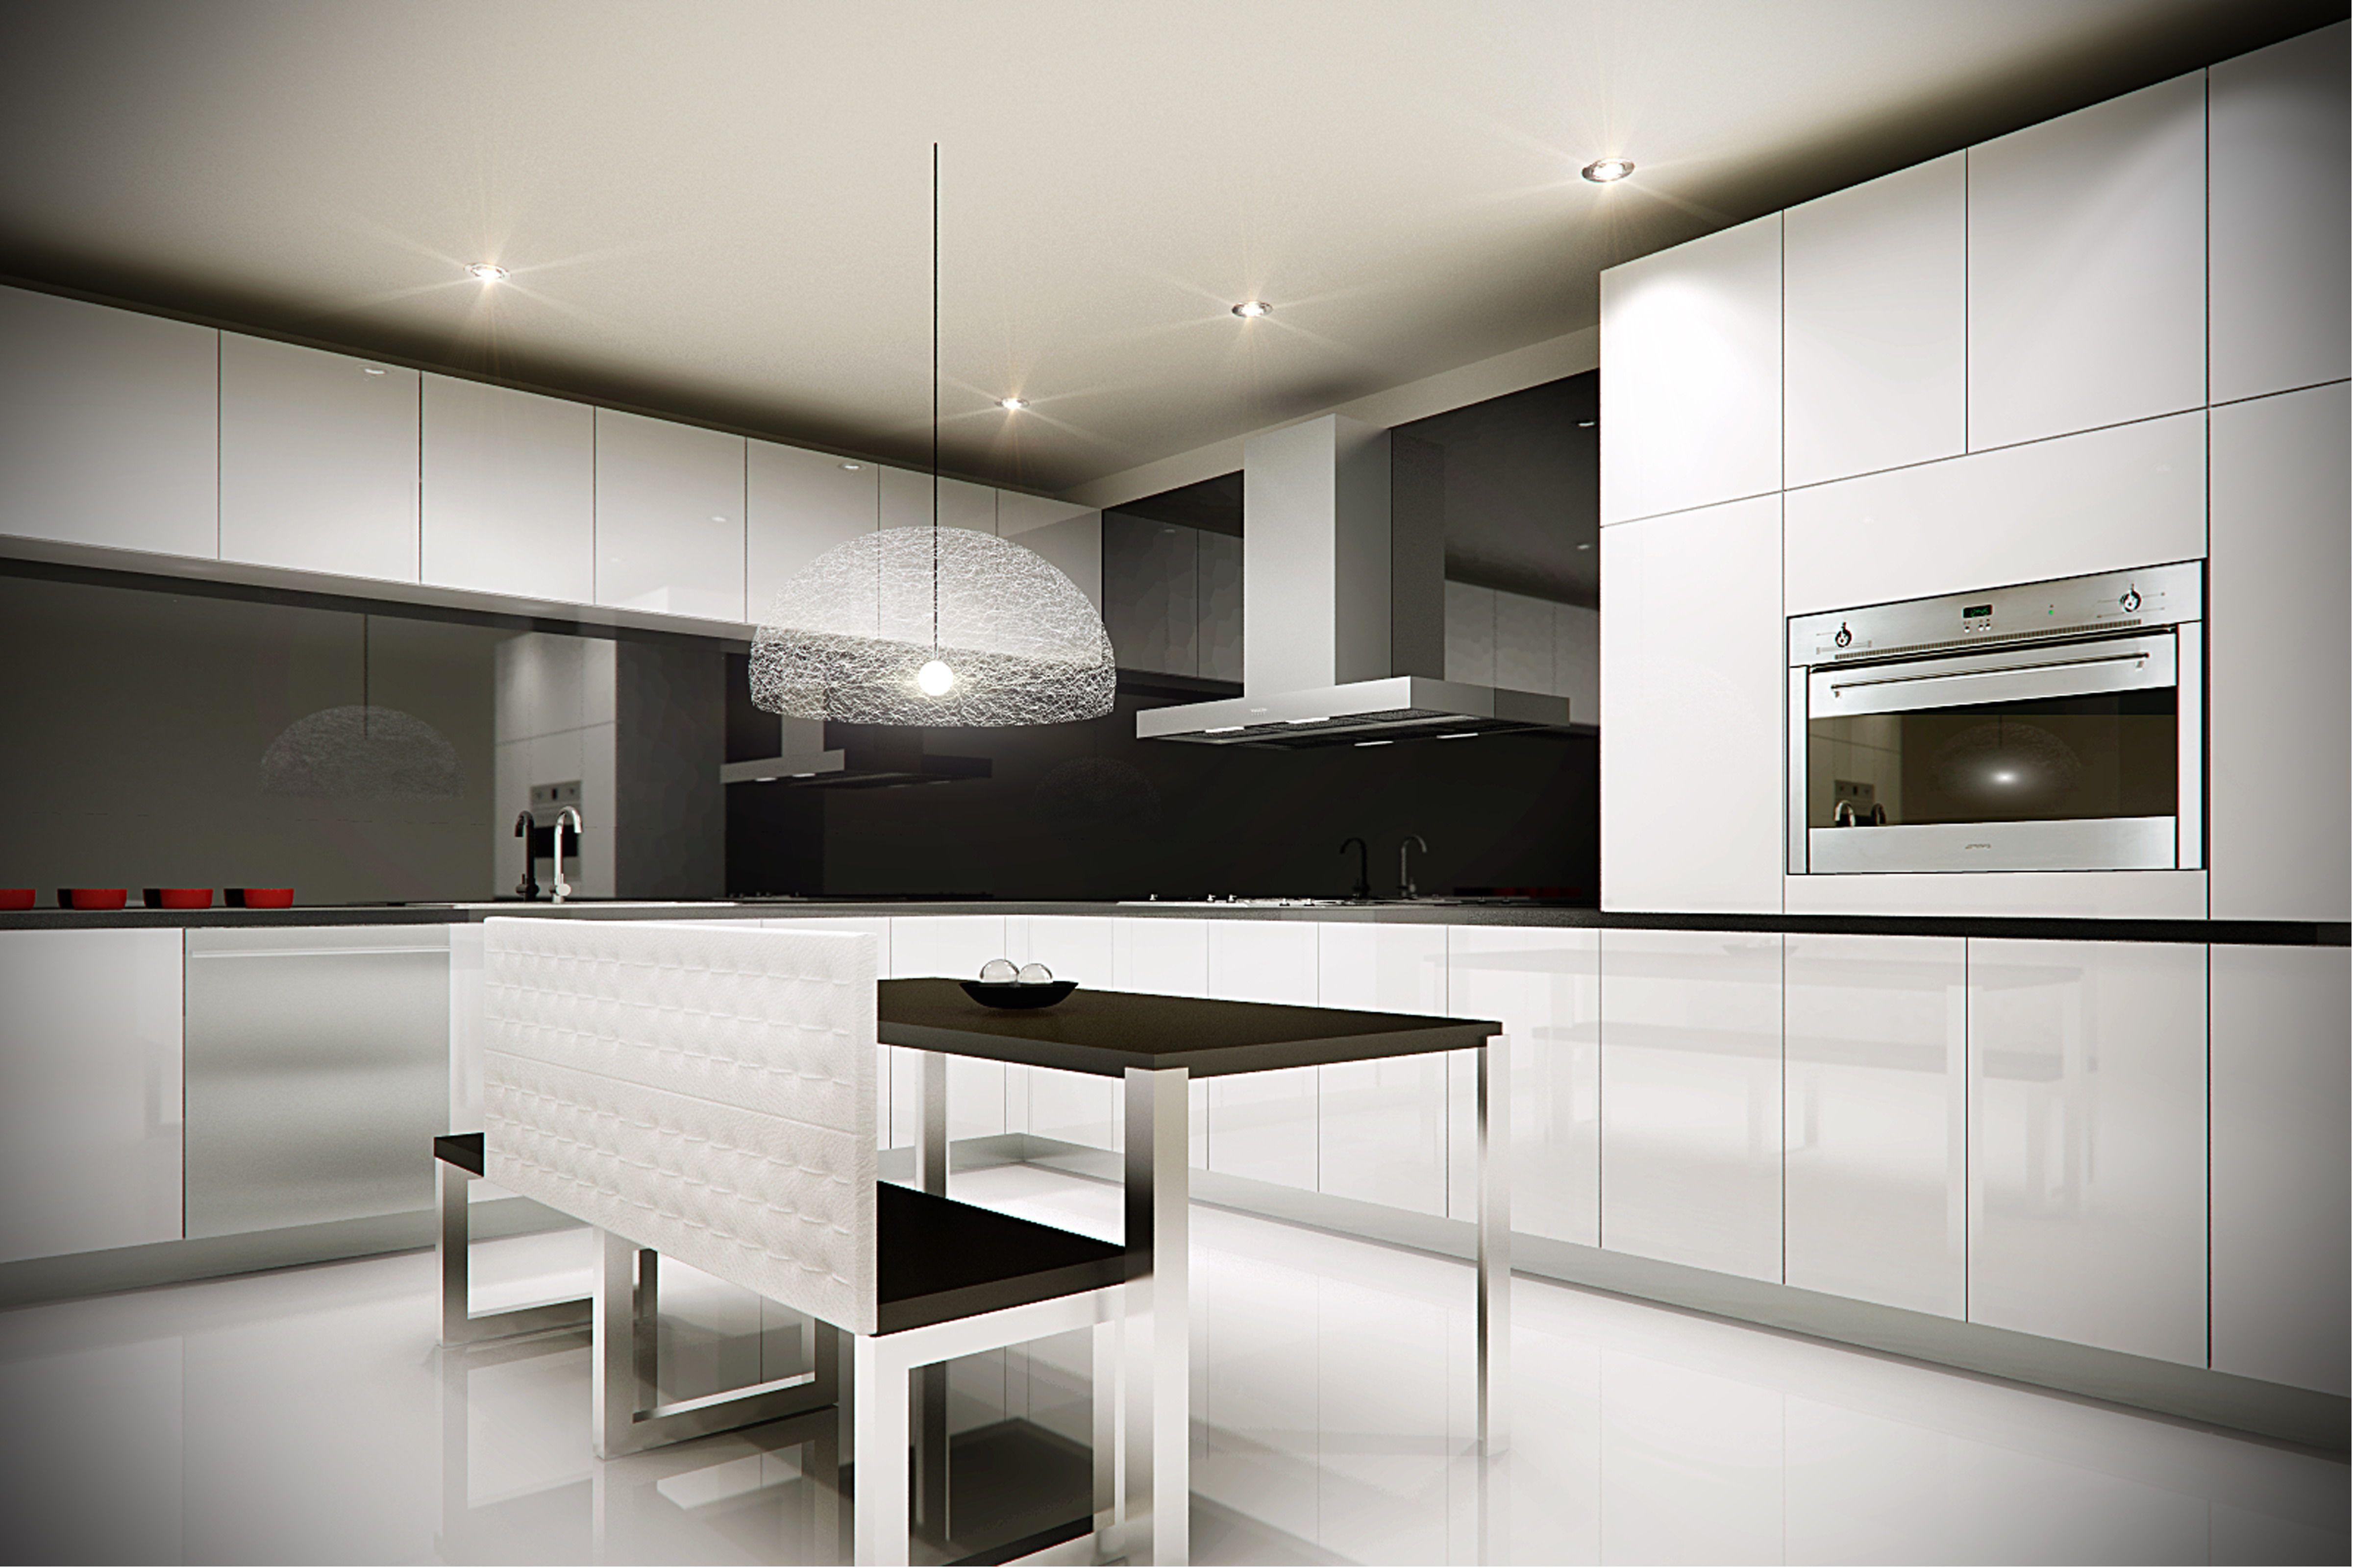 Cocina minimalista horno de gas y campana smeg cocinas - Cocinas modernas minimalistas ...